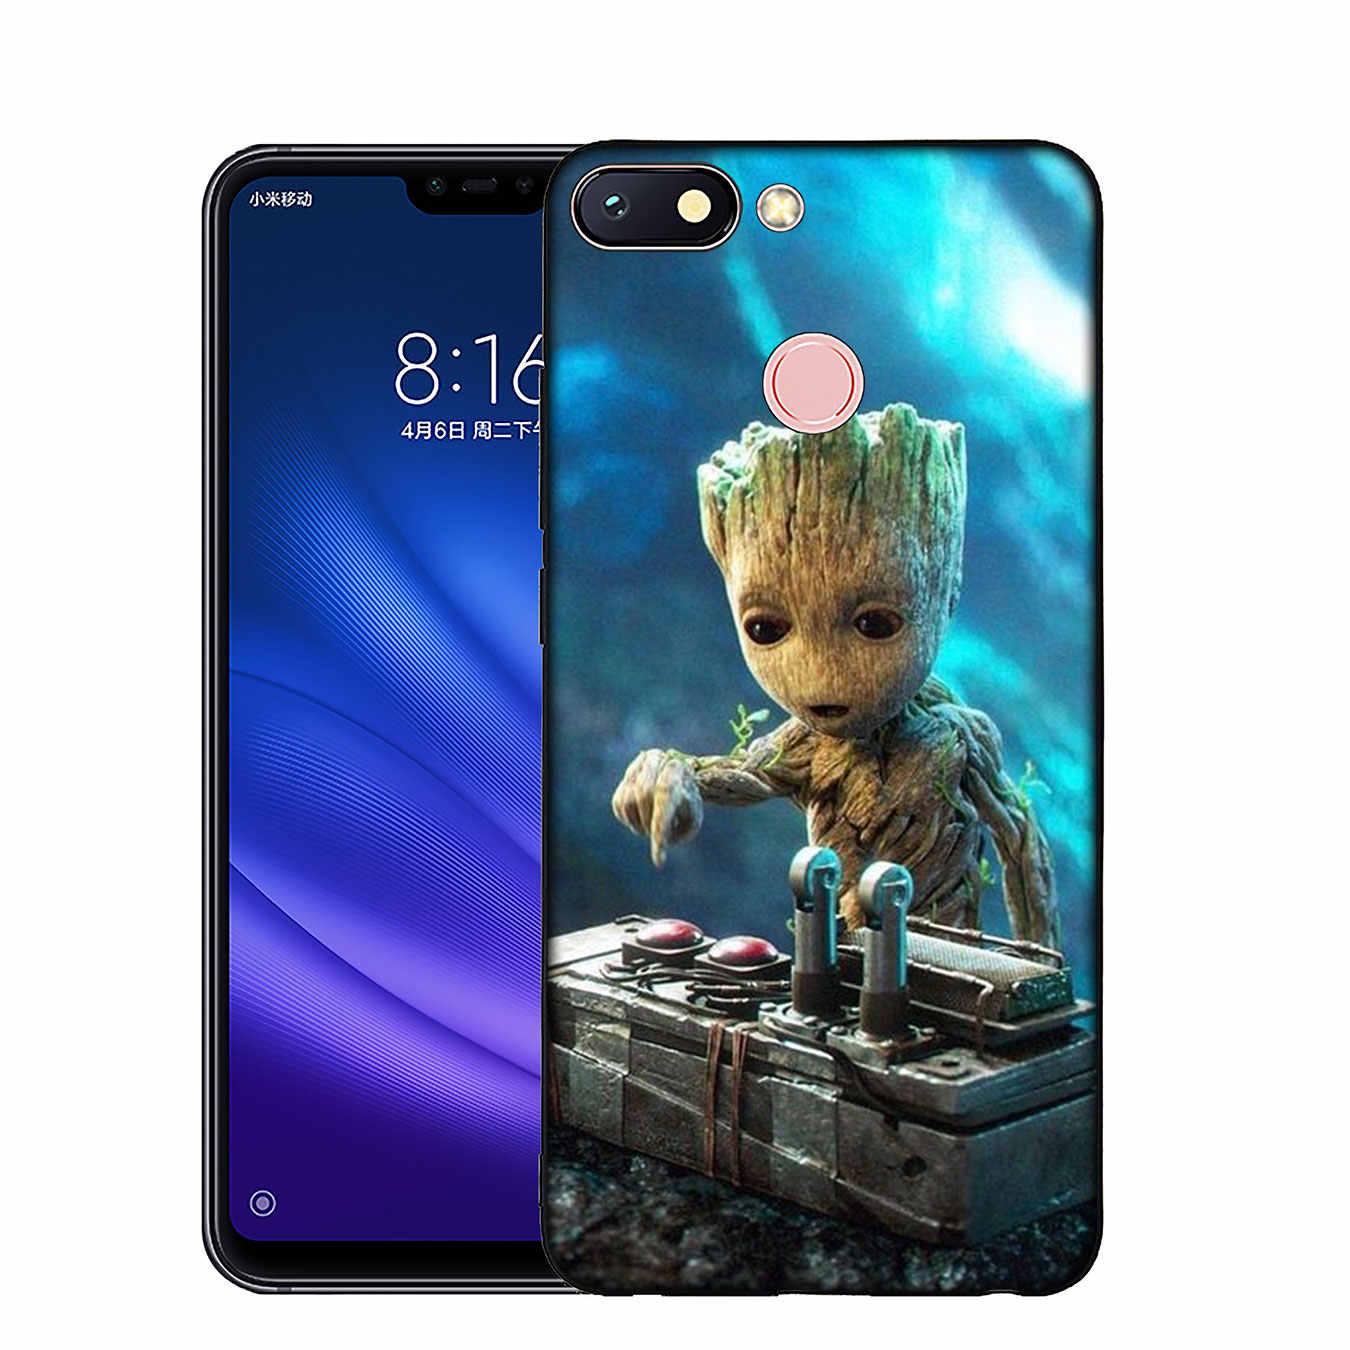 IYICAO guardián Rocket Raccoon Groot Treeman funda de silicona suave para Xiaomi mi 9 8 A2 Lite A1 6 pocophone f1 MAX 3 mi 9 mi 8 mi a2